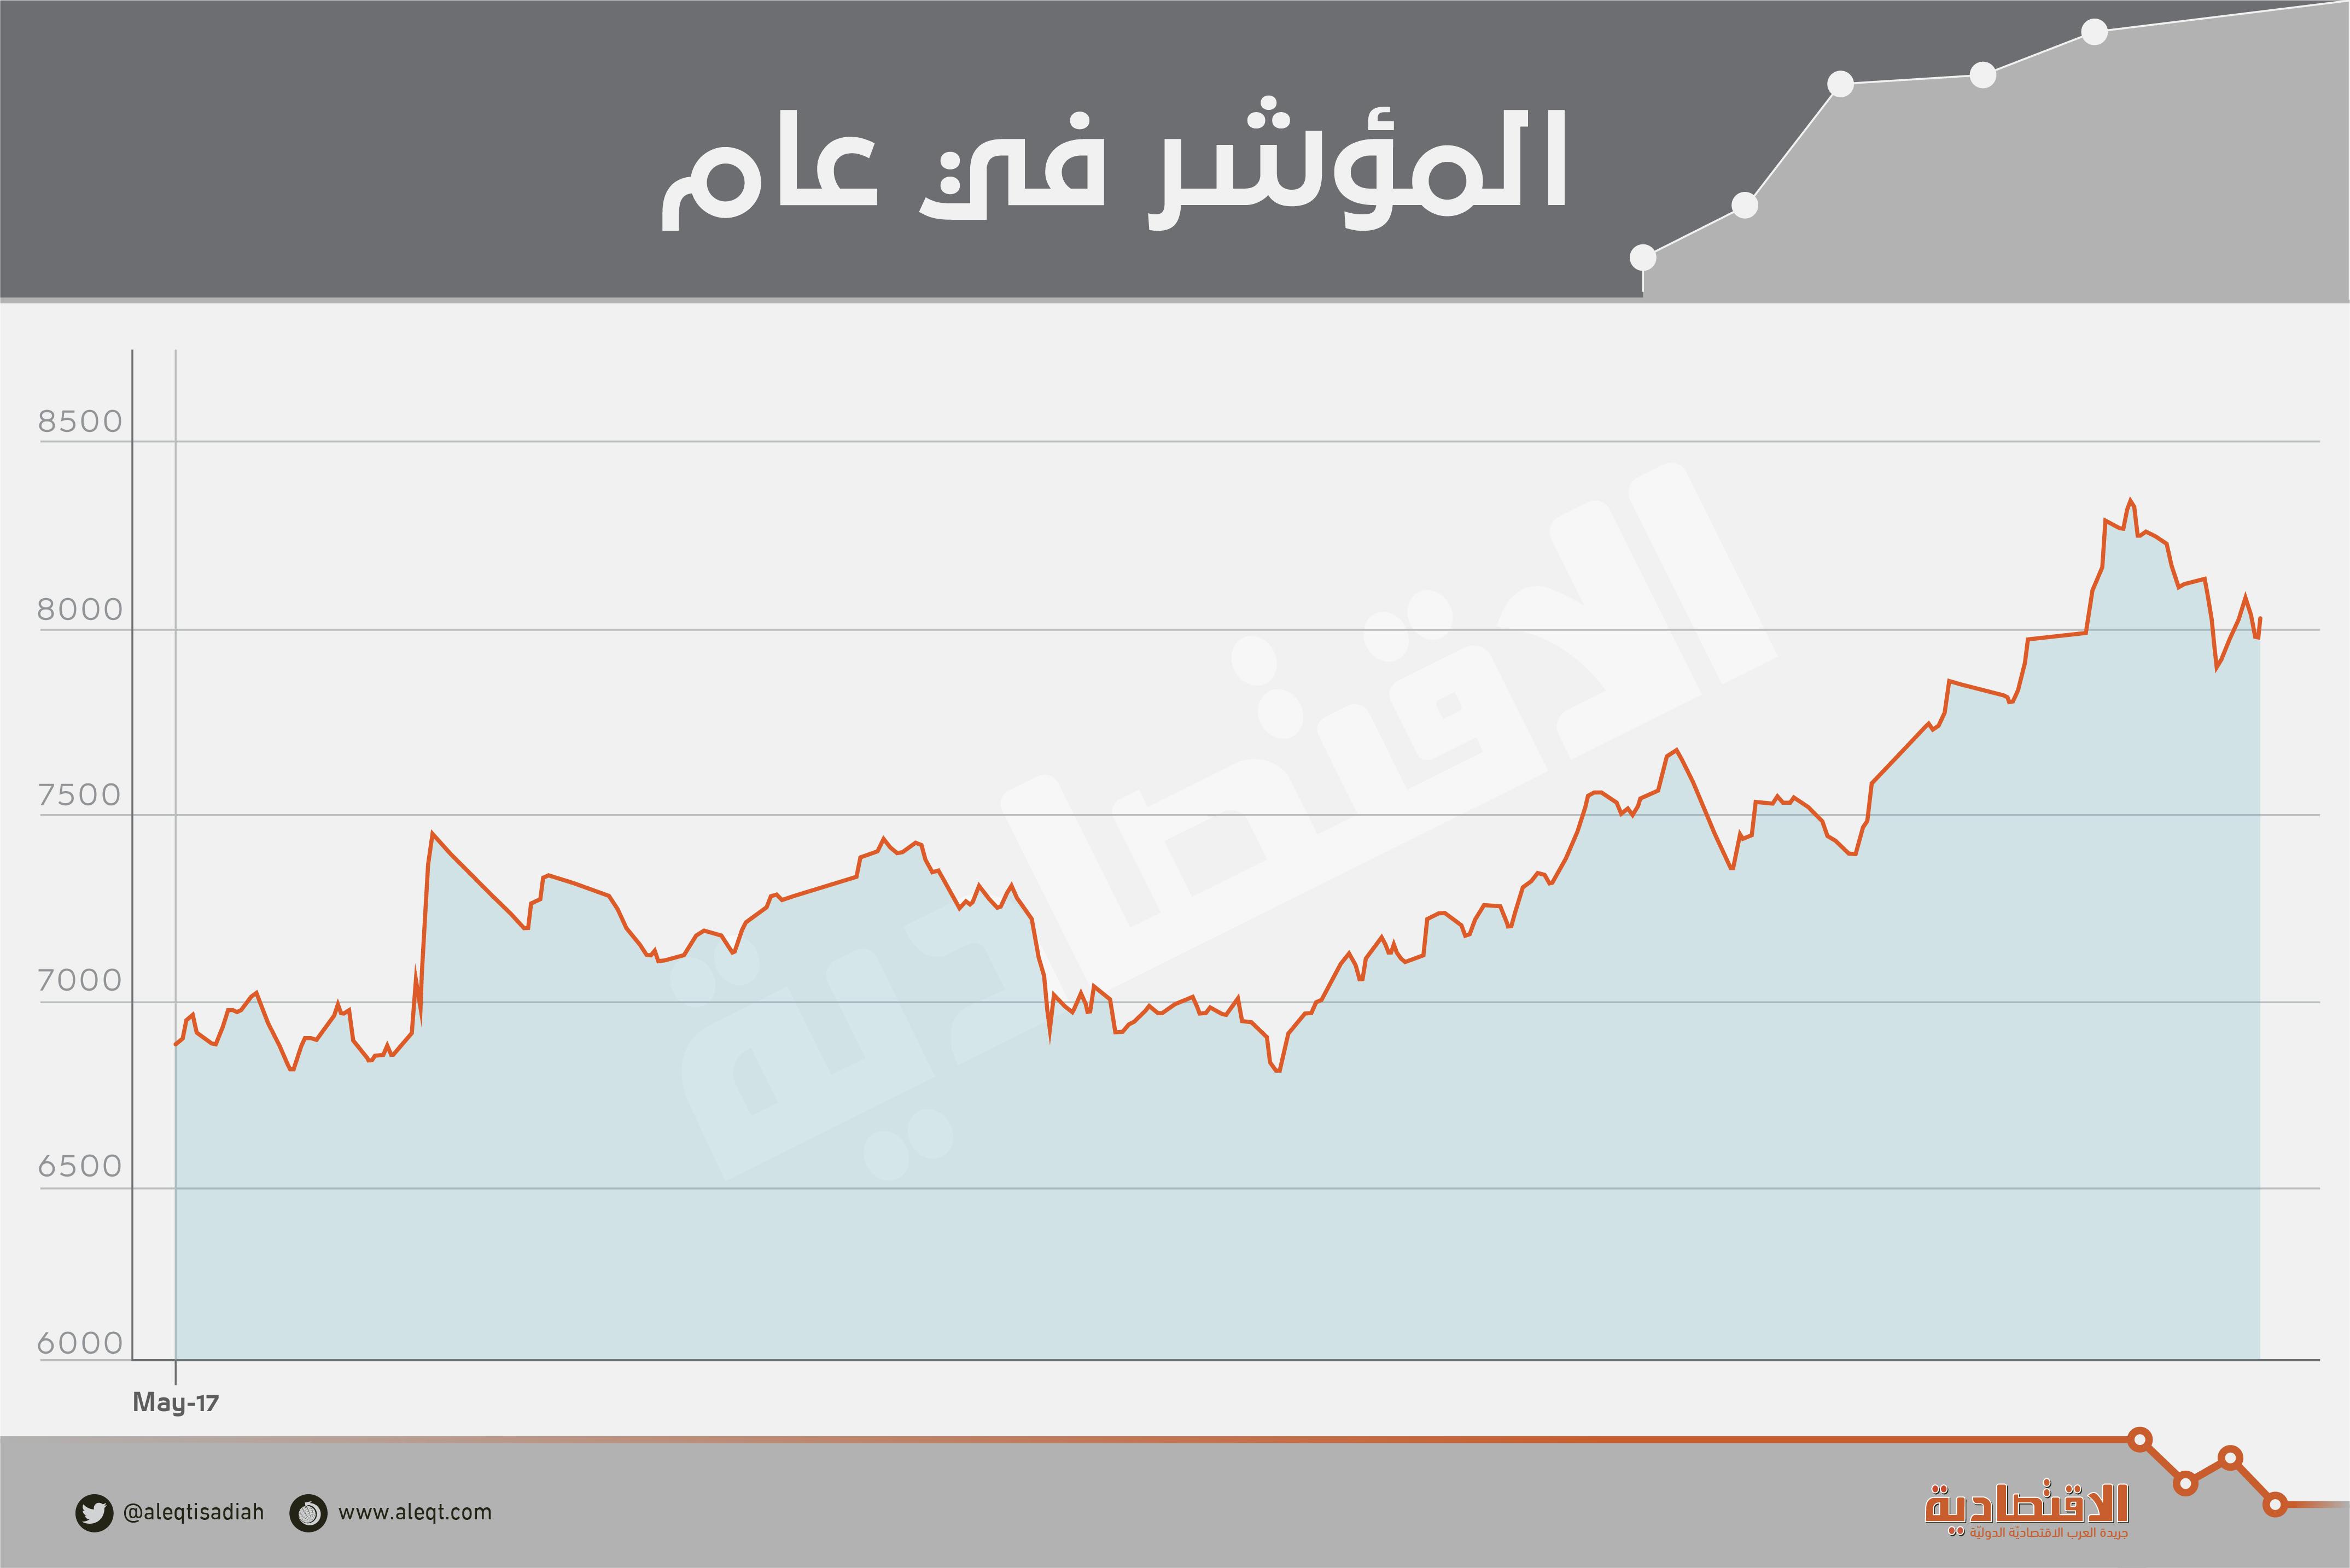 الأسهم السعودية تنهي سلسلة تراجعات دامت 3 أسابيع .. وترتفع 1.3 %   صحيفة الاقتصادية